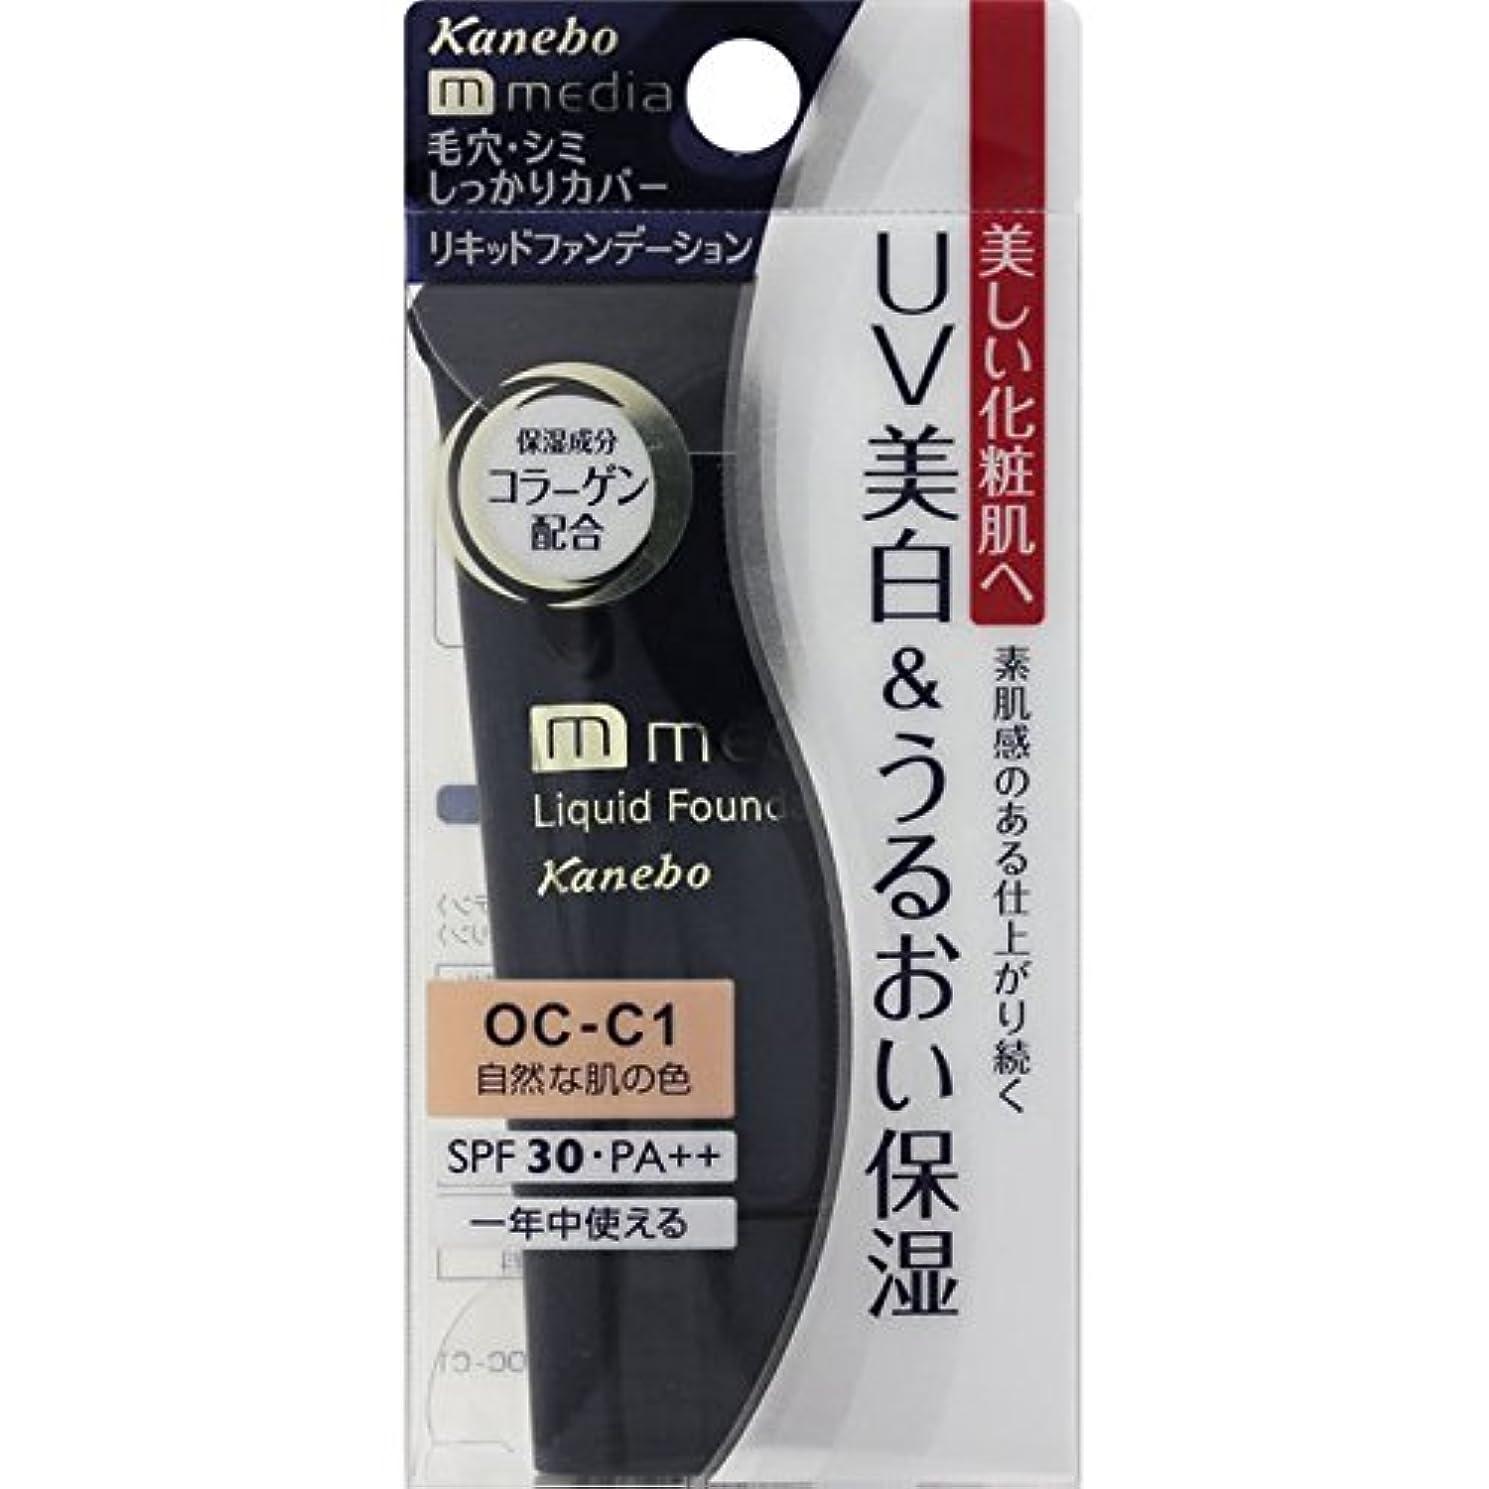 舌ピケ思い出させるカネボウ メディア(media)リキッドファンデーションUV カラー:OC-C1